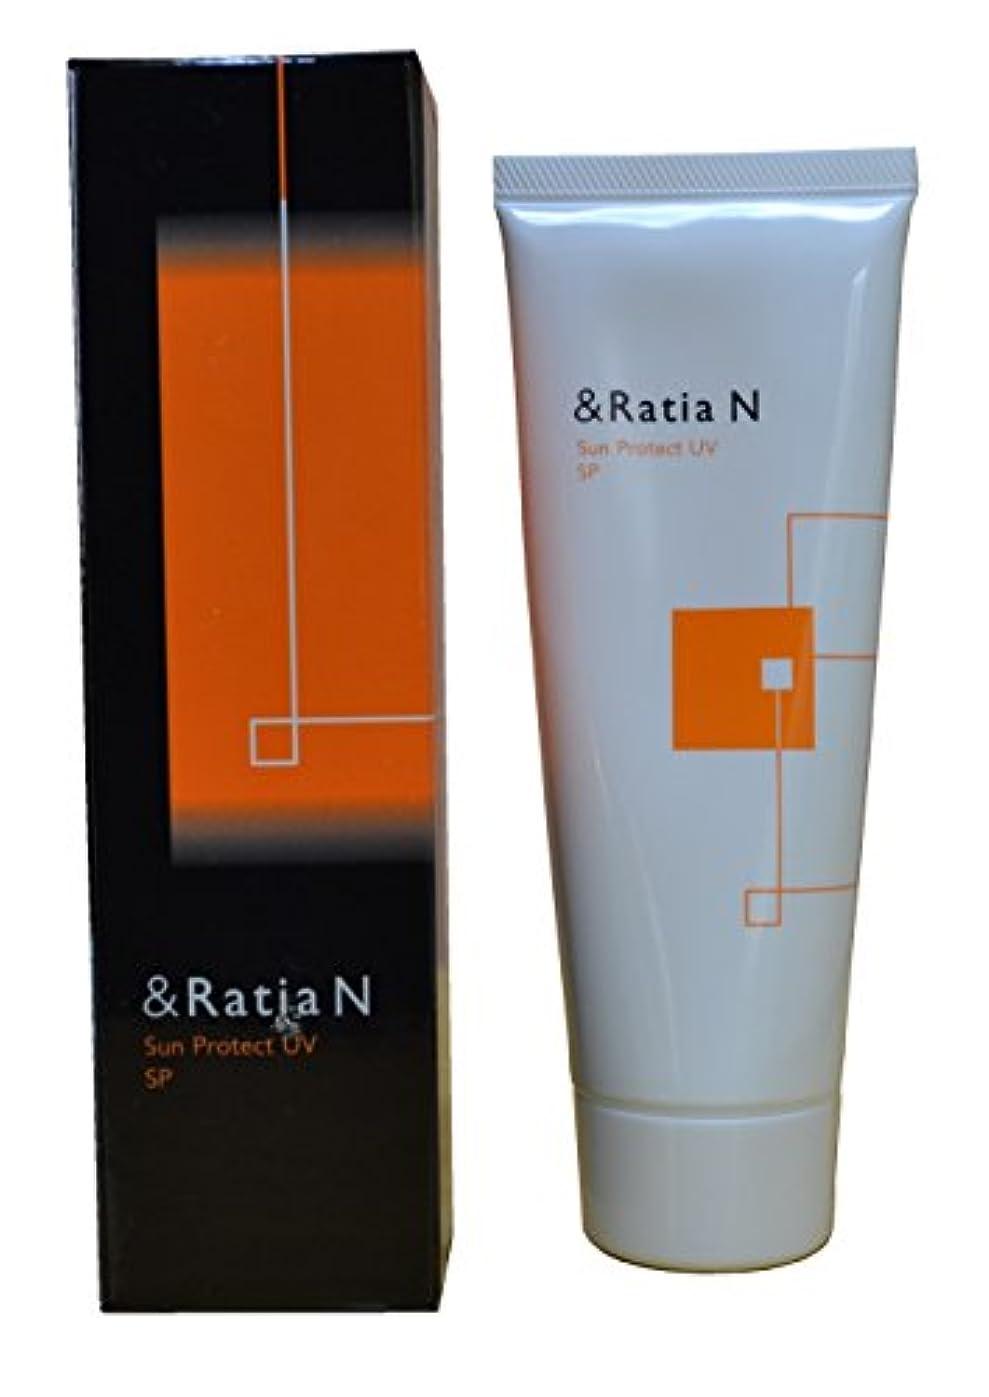 クリケットサドルシリンダー&Ratia N(アンドラティア ナノ)サンプロテクトUV SP(日焼け止めメークアップベース)80g